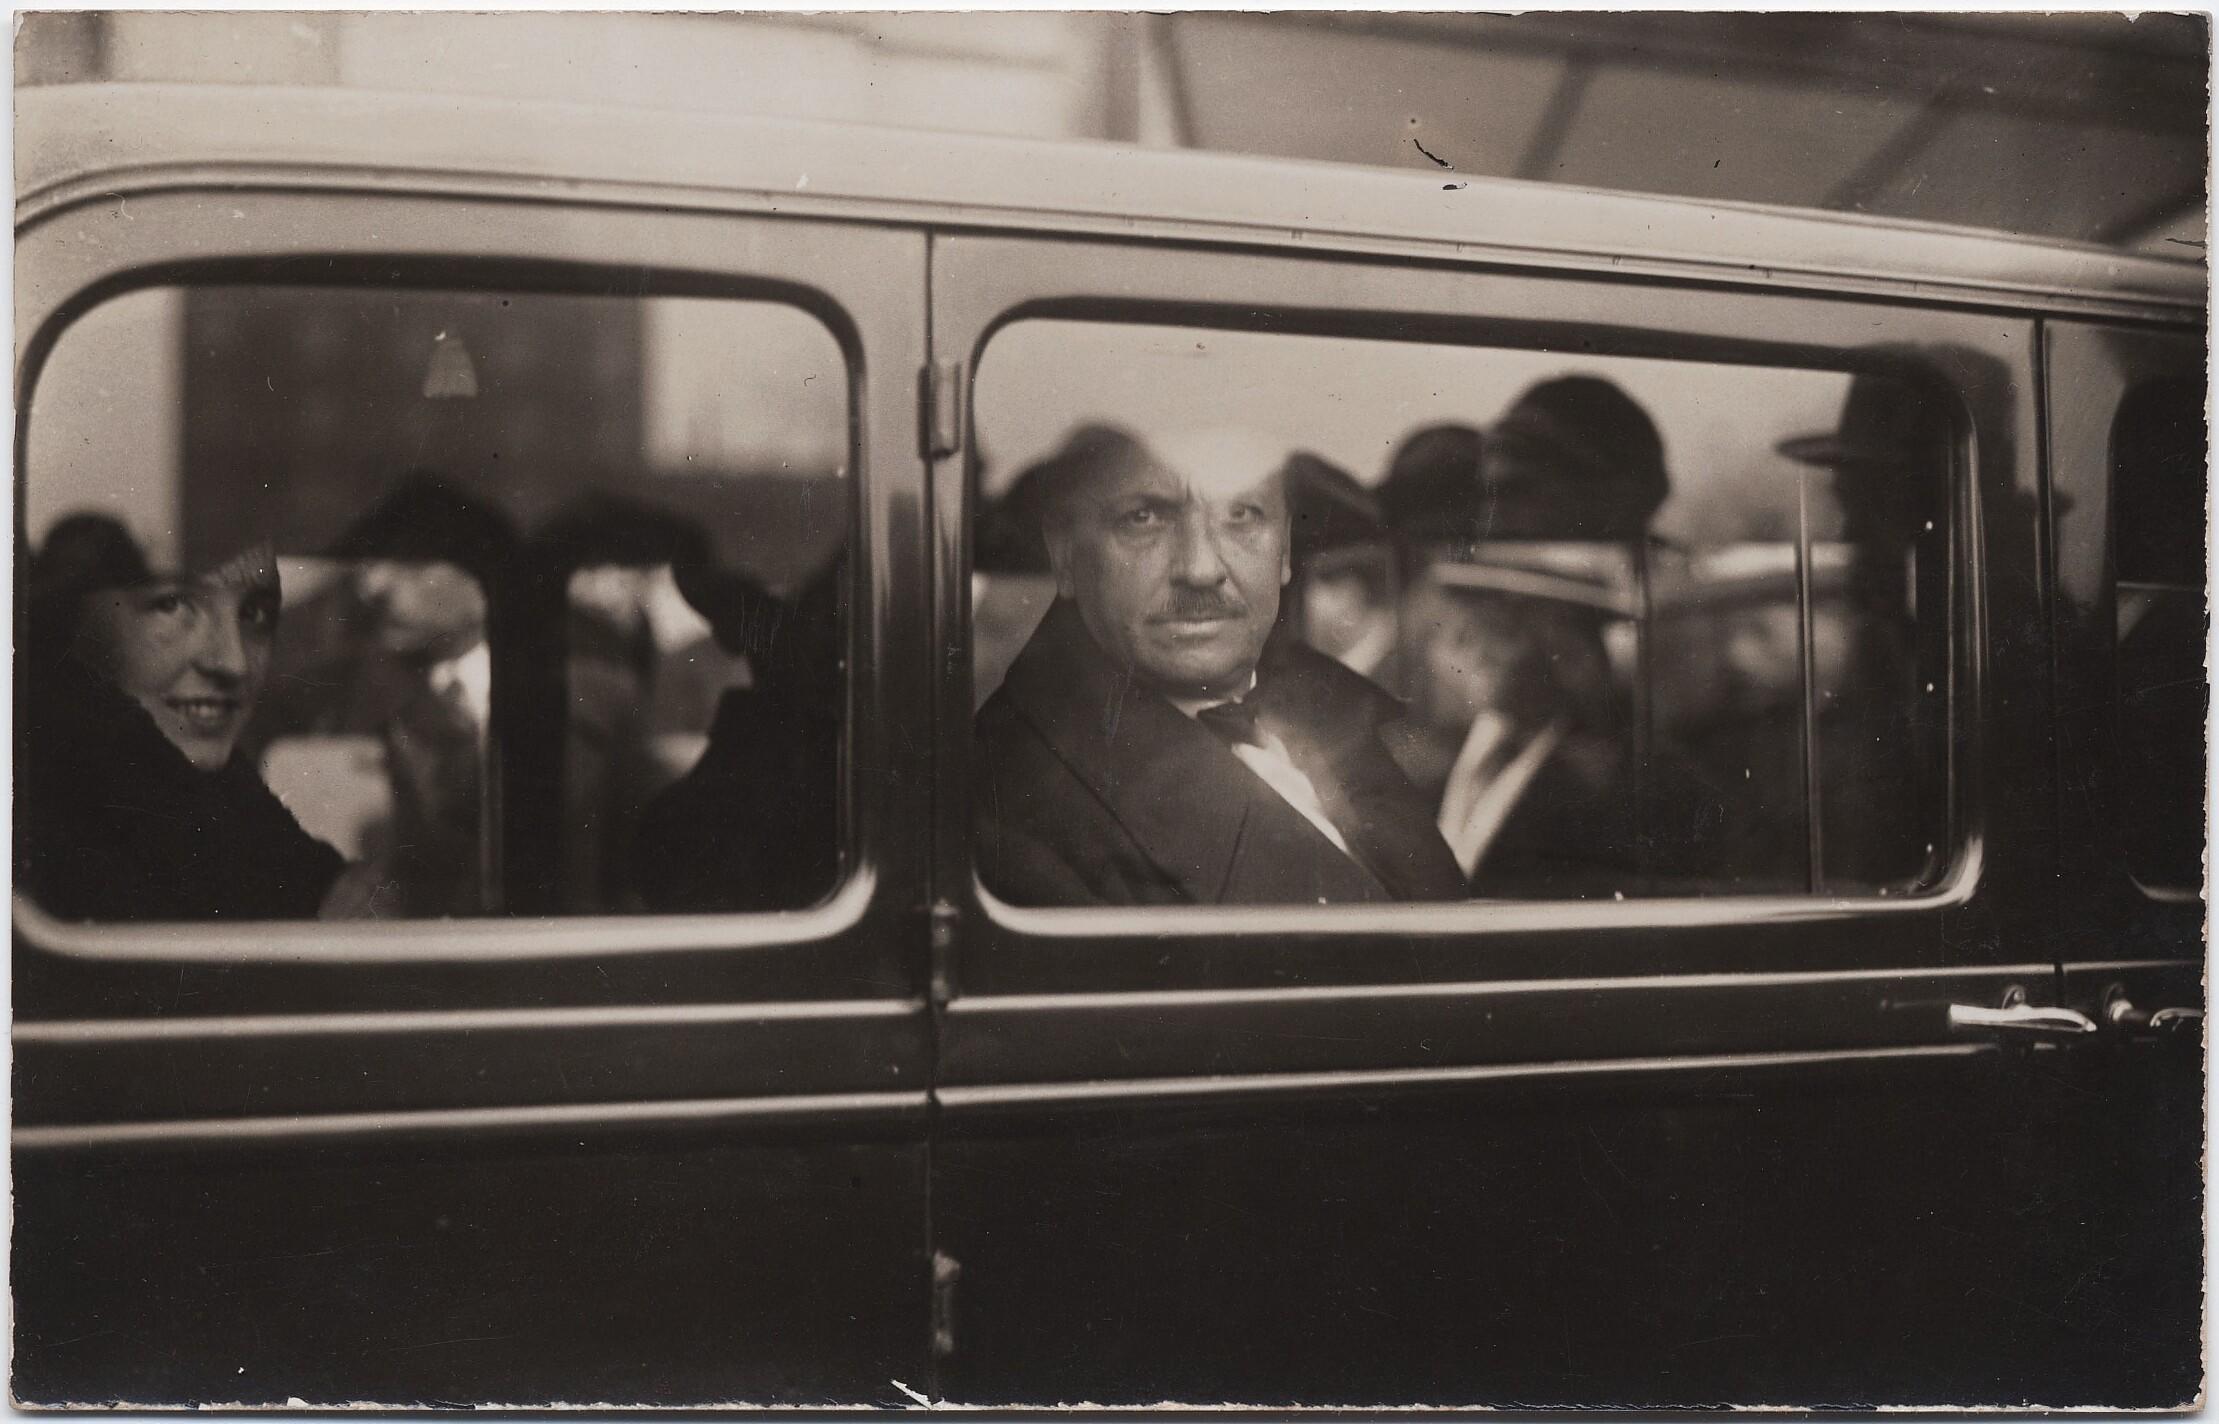 1932. Филиппо Томмазо Маринетти и Бенедетта Каппа Маринетти в машине